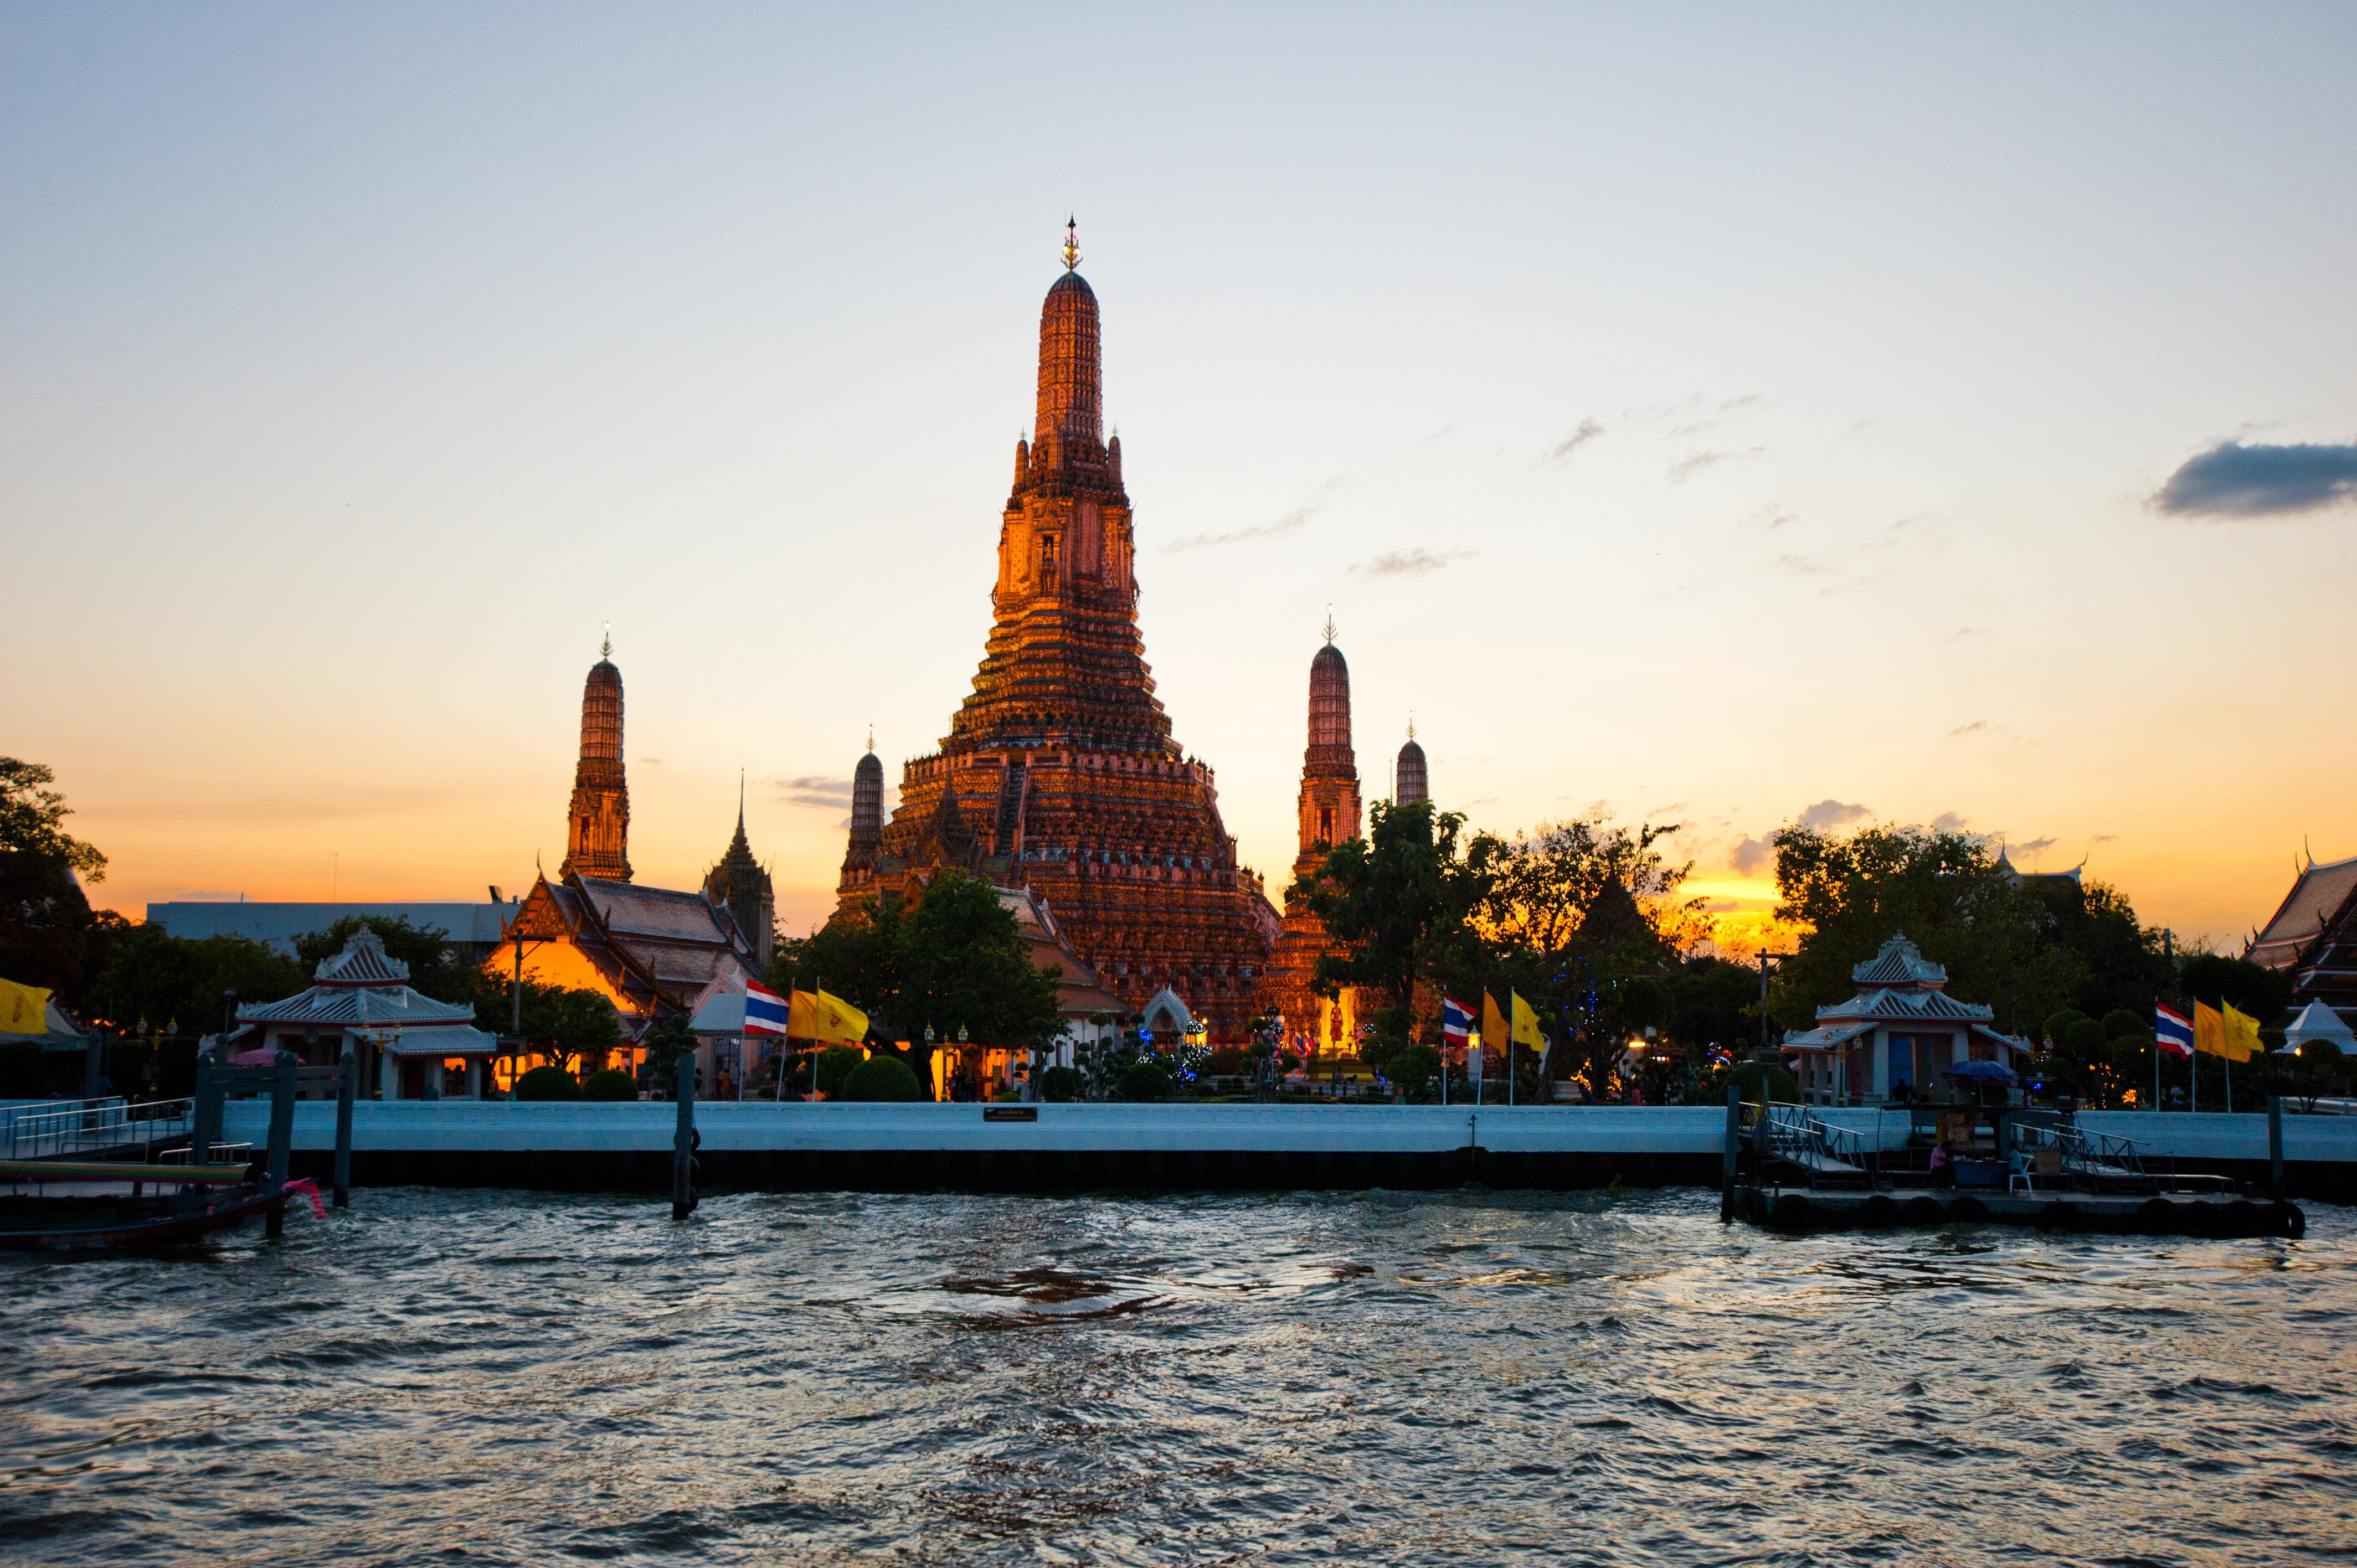 湄南河  Chao Phraya   -3